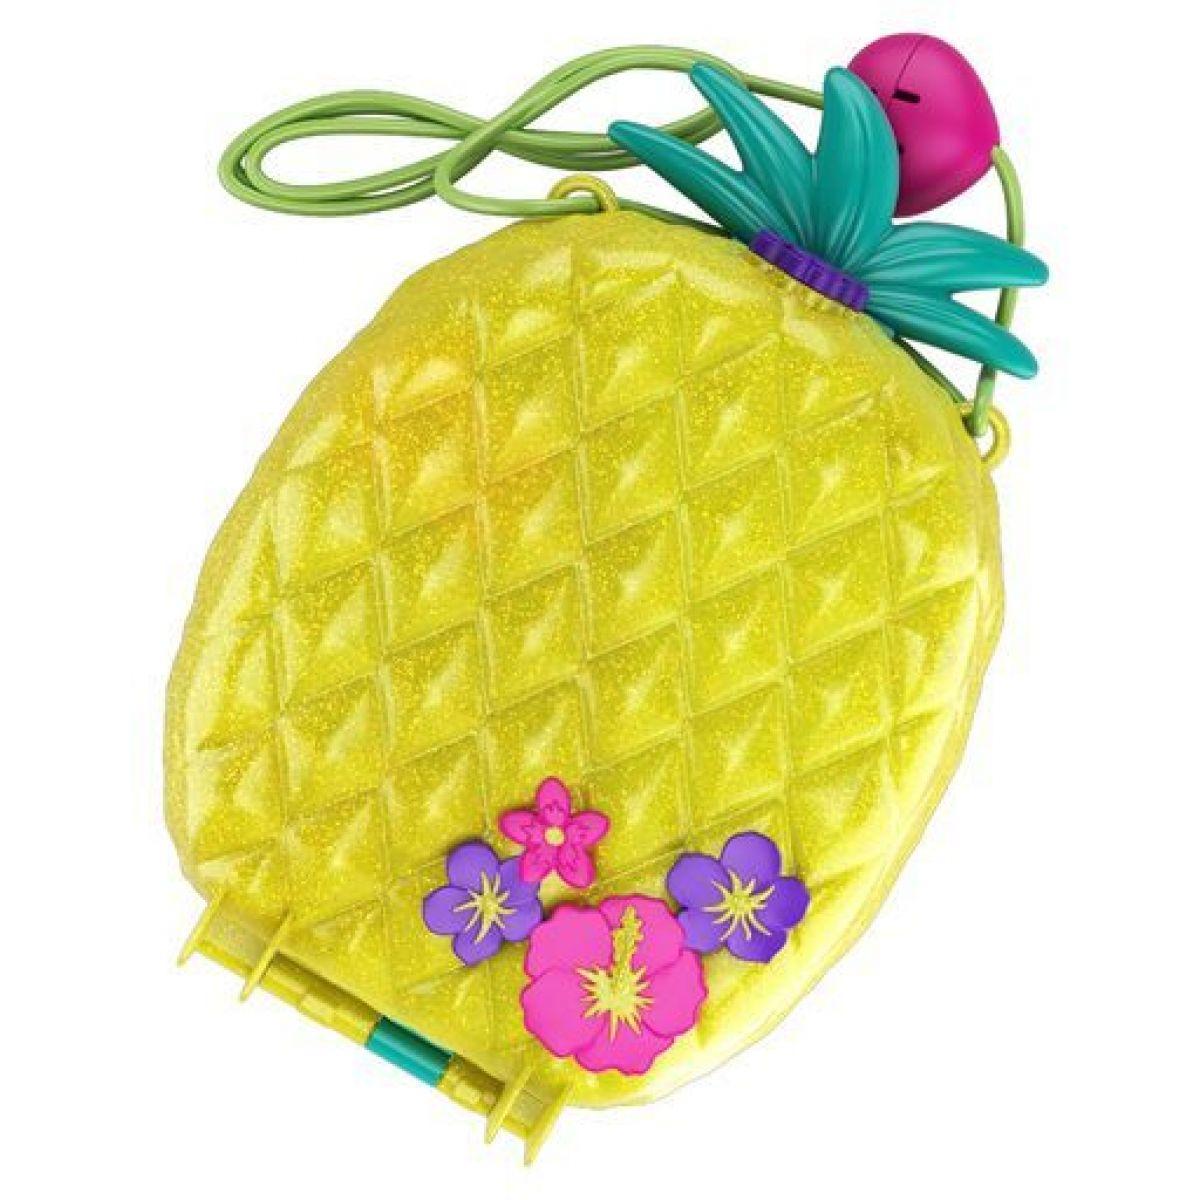 Mattel Polly Pocket pidi pocketková kabelka ananas